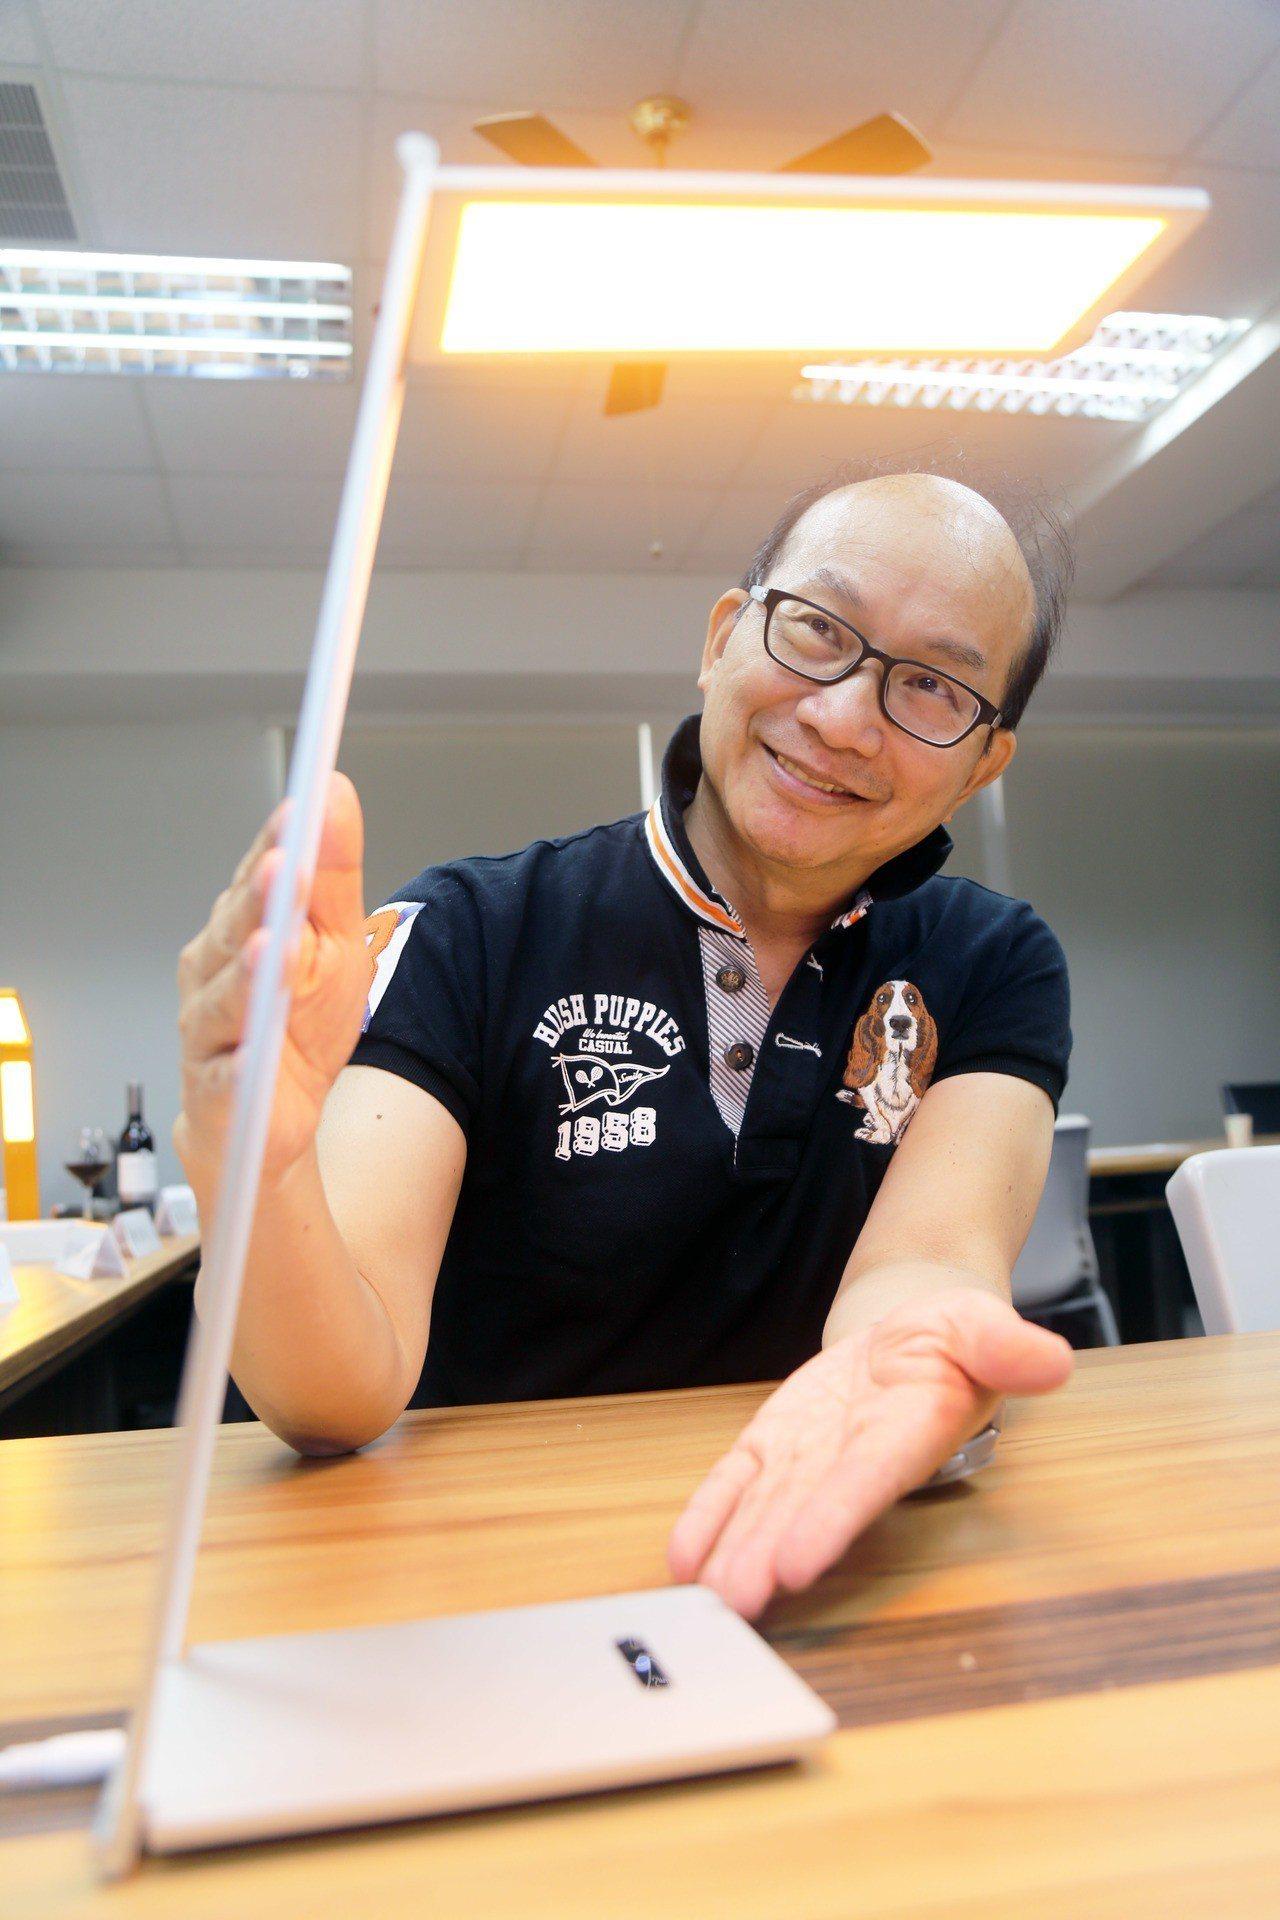 周卓煇發表的燭光OLED,如今正式商品化,昨展示全球第首盞燭光OLED台燈。記者...